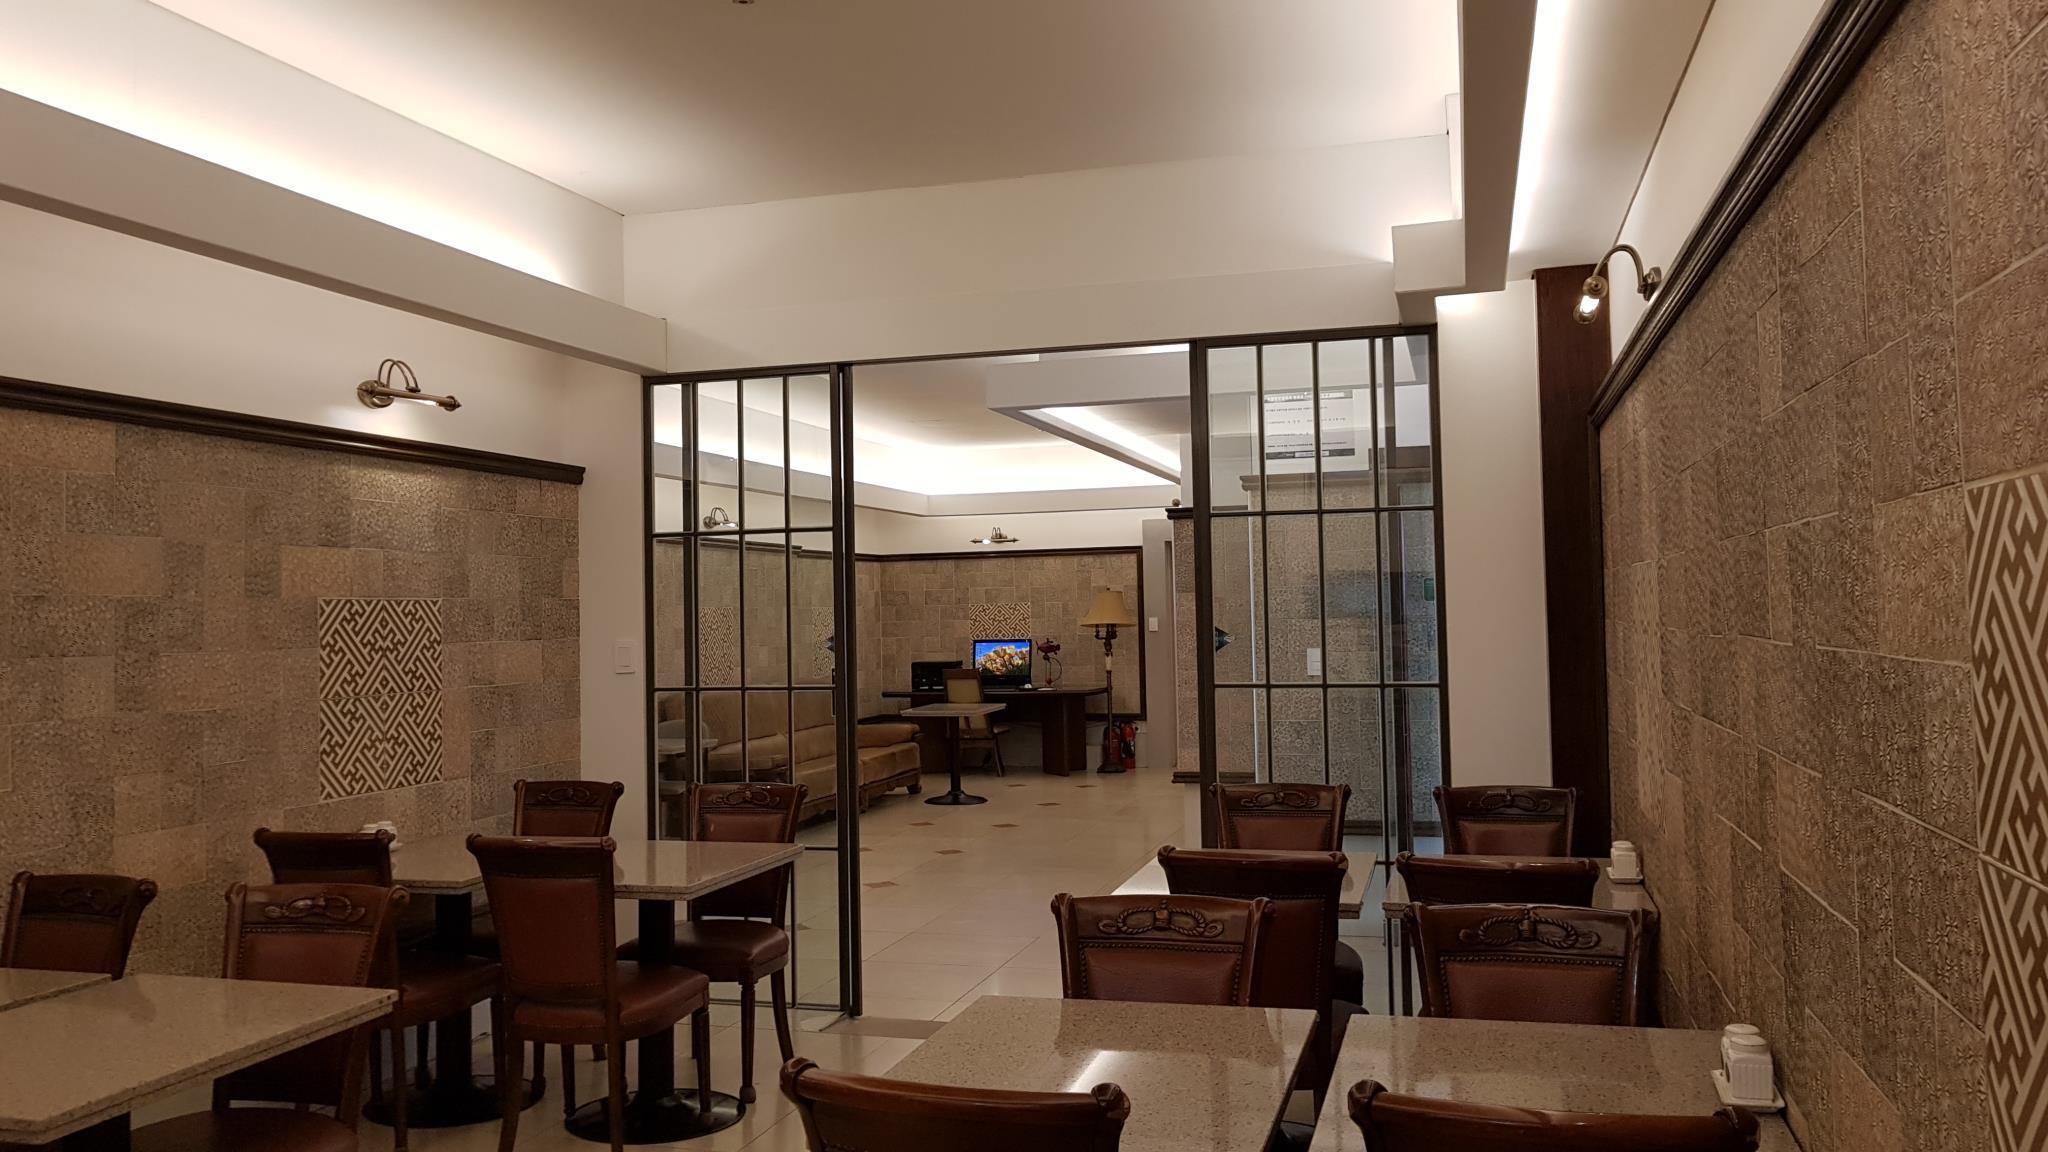 Queen Incheon Airport Hotel Incheon South Korea